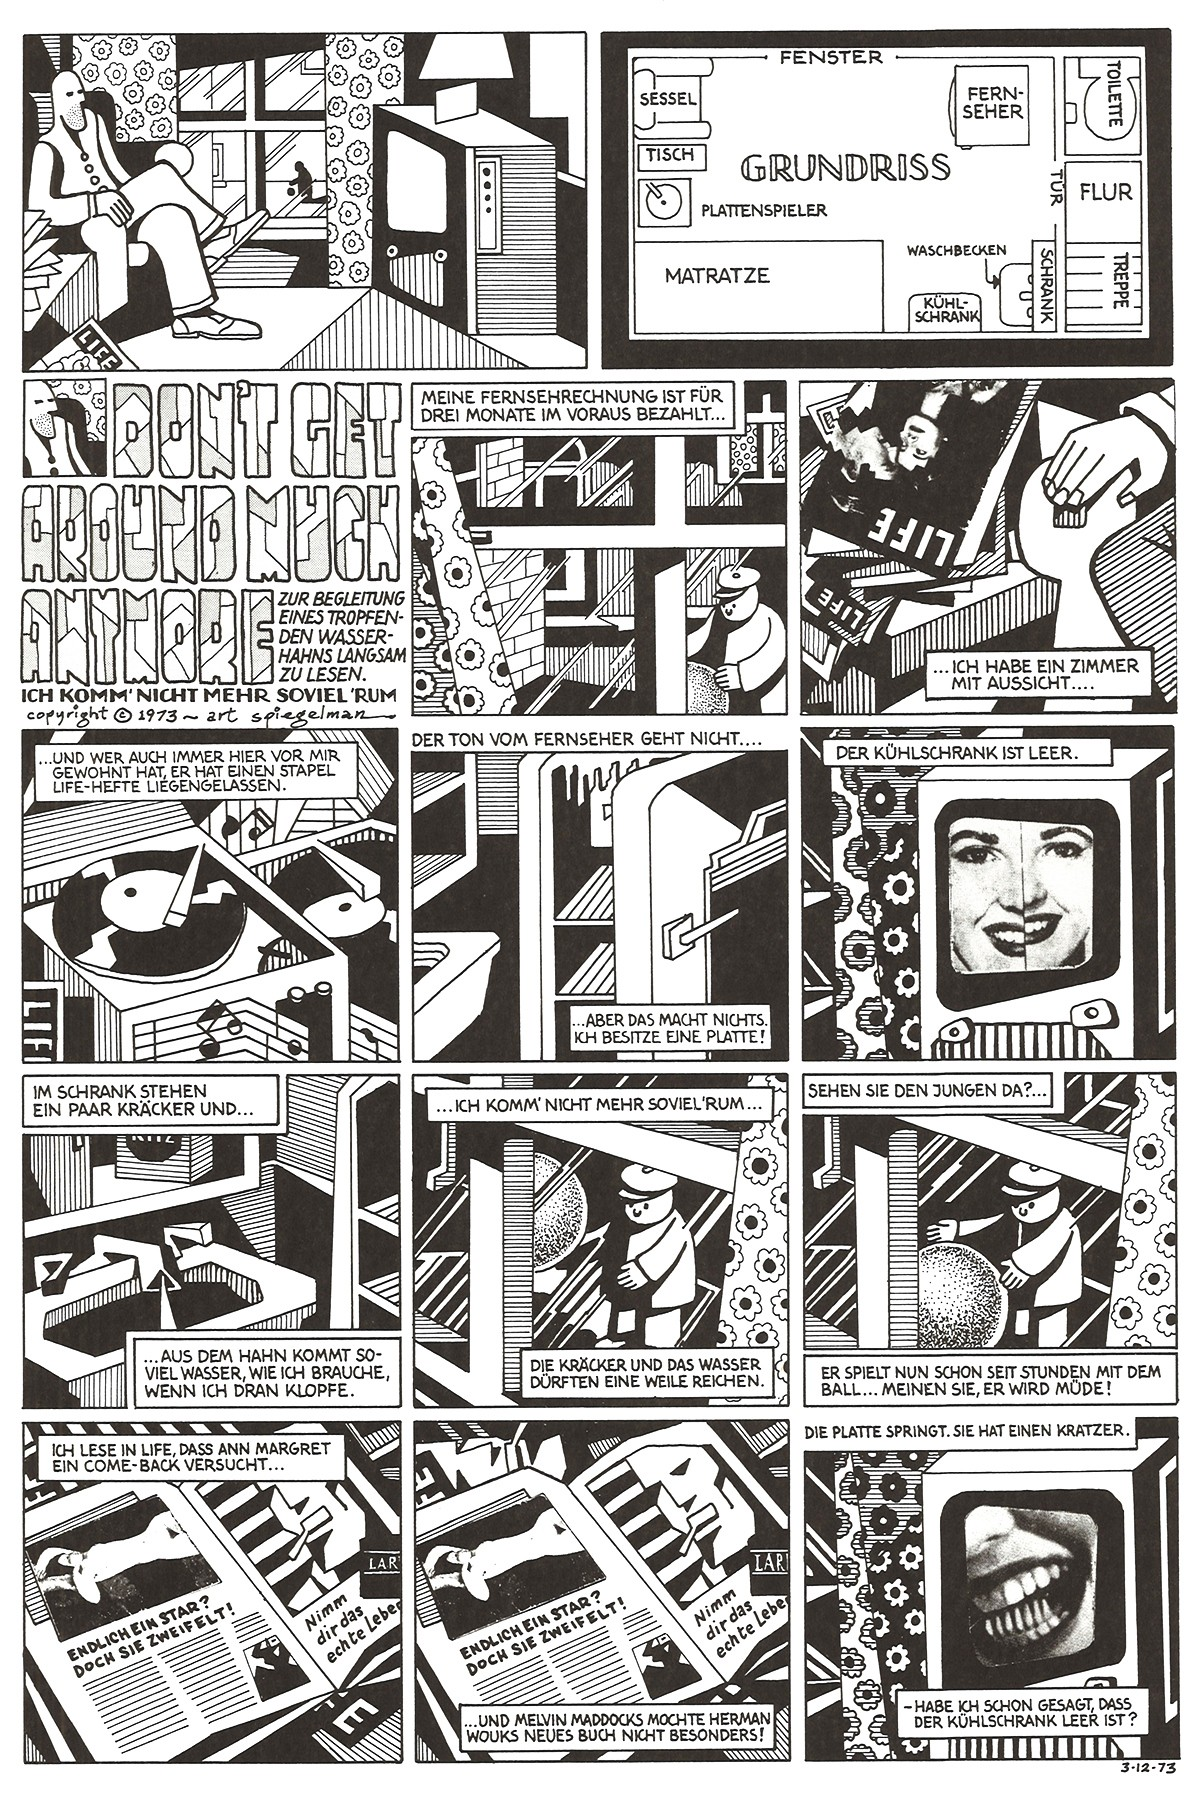 Art Spiegeman, Don't get around much more, 1973